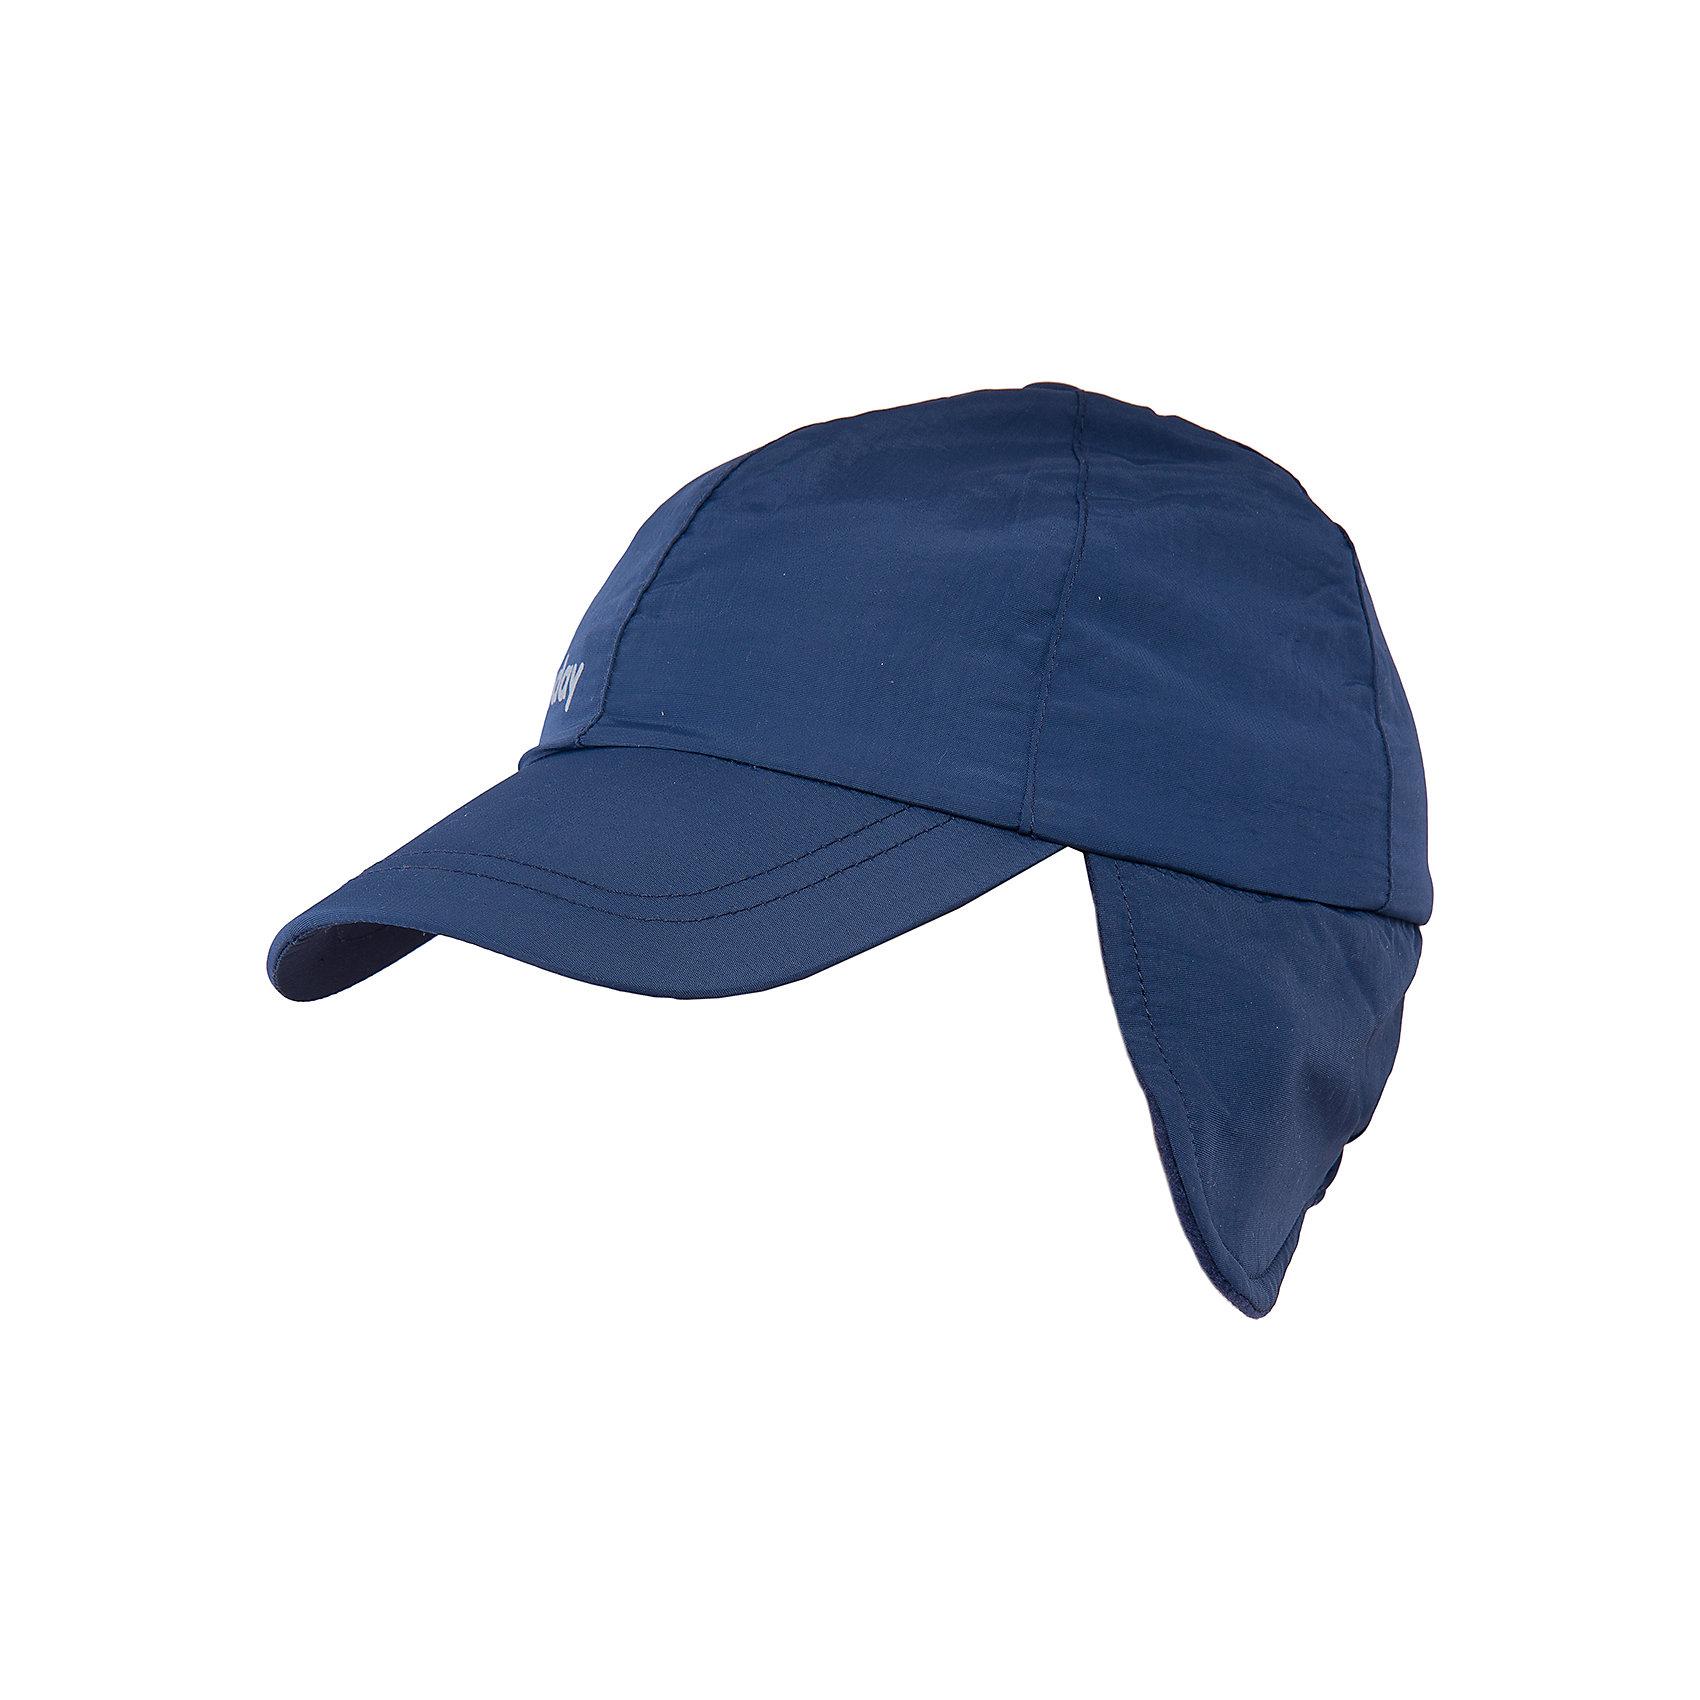 Шапка для мальчика PlayTodayШапка для мальчика от известного бренда PlayToday.<br>Стильная утепленная кепка темно-синего цвета. Внутри уютная флисовая подкладка. Козырек надежно защитит от снега, удлиненные боковые части закрывают уши.<br>Состав:<br>Верх: 100% полиэстер, подкладка: 100% полиэстер<br><br>Ширина мм: 89<br>Глубина мм: 117<br>Высота мм: 44<br>Вес г: 155<br>Цвет: синий<br>Возраст от месяцев: 24<br>Возраст до месяцев: 36<br>Пол: Мужской<br>Возраст: Детский<br>Размер: 50,52,54<br>SKU: 4897308